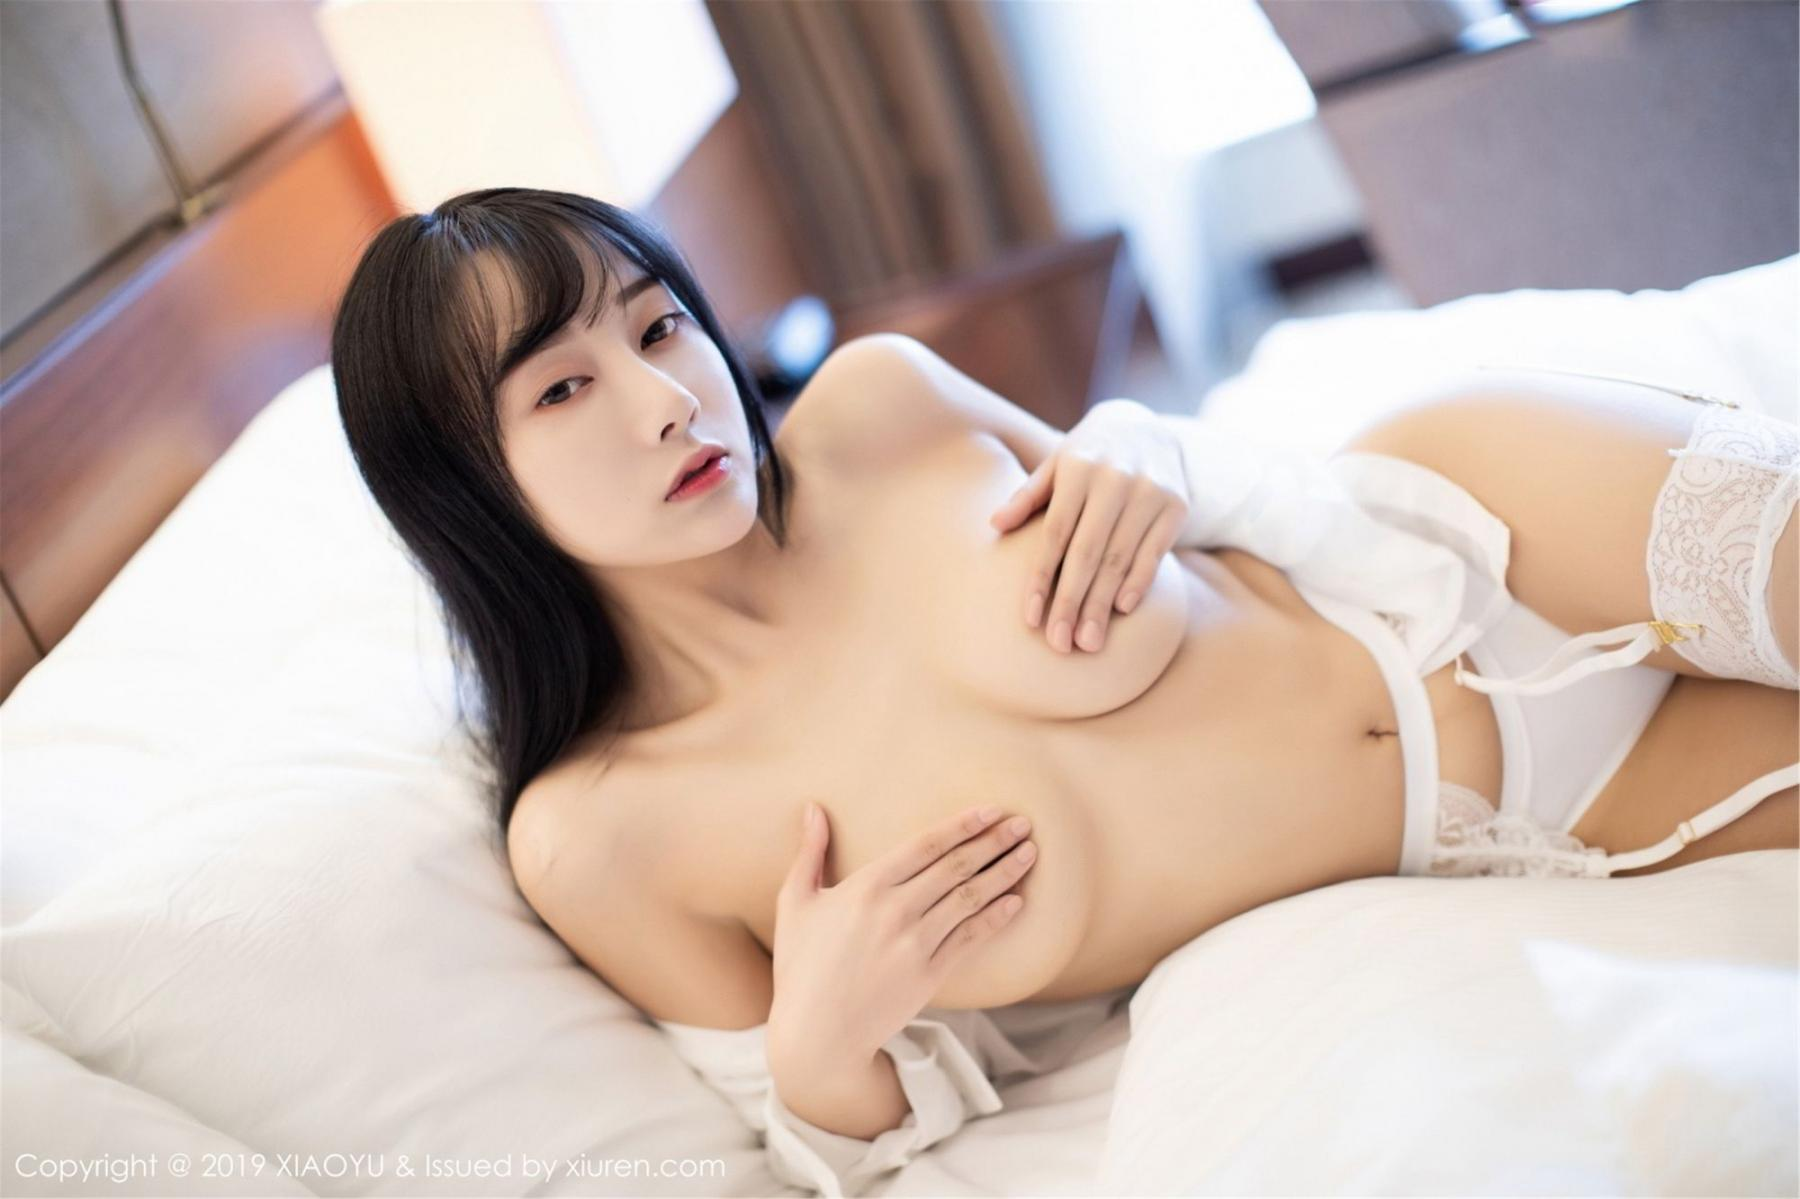 [XiaoYu] Vol.076 He Jia Ying 45P, He Jia Ying, Underwear, XiaoYu